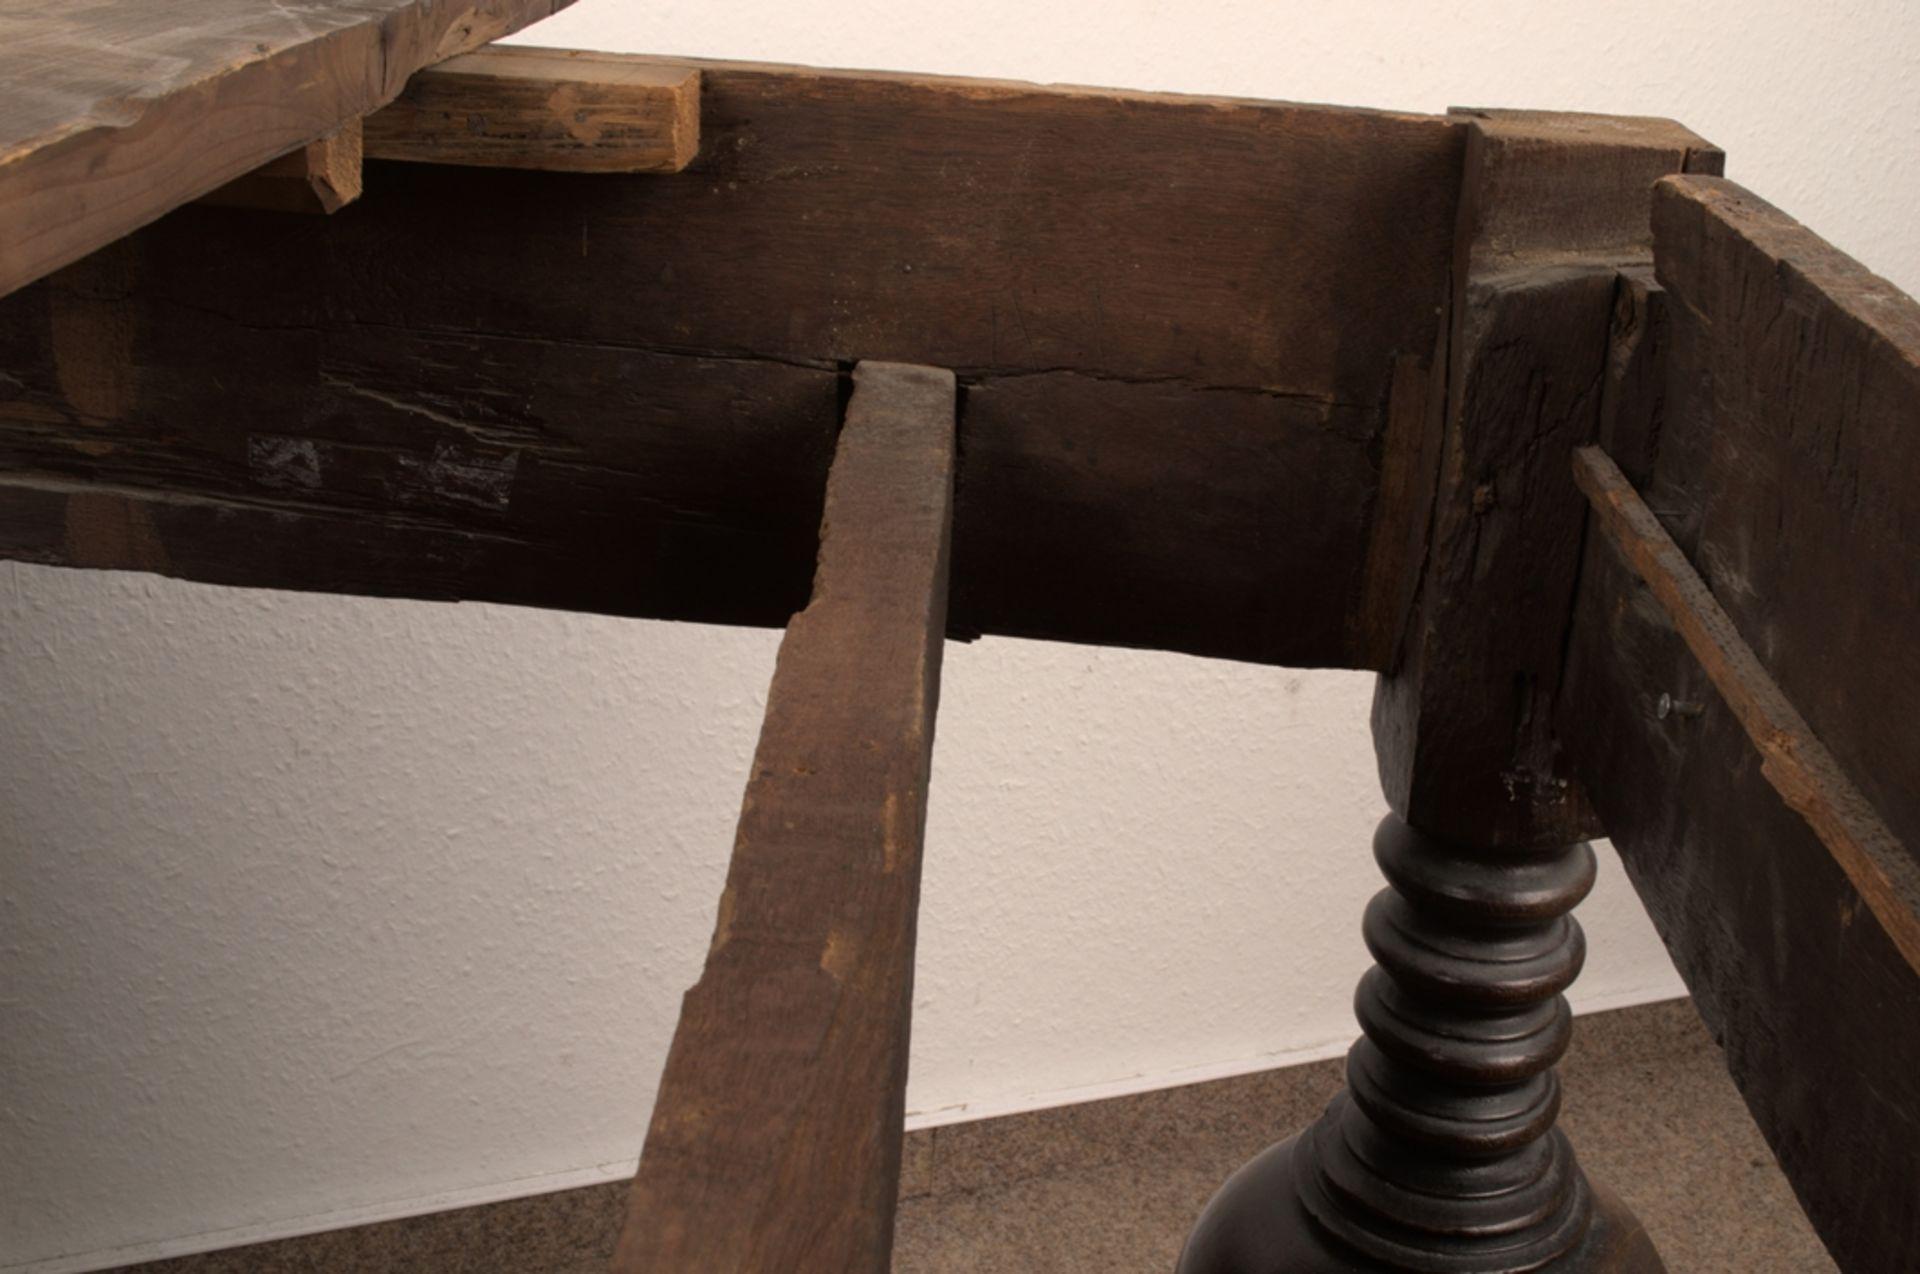 Großer Auszugstisch, Franken um 1730/50. Querverstrebter Tischunterbau mit kräftigen Balusterbeinen, - Bild 11 aus 36